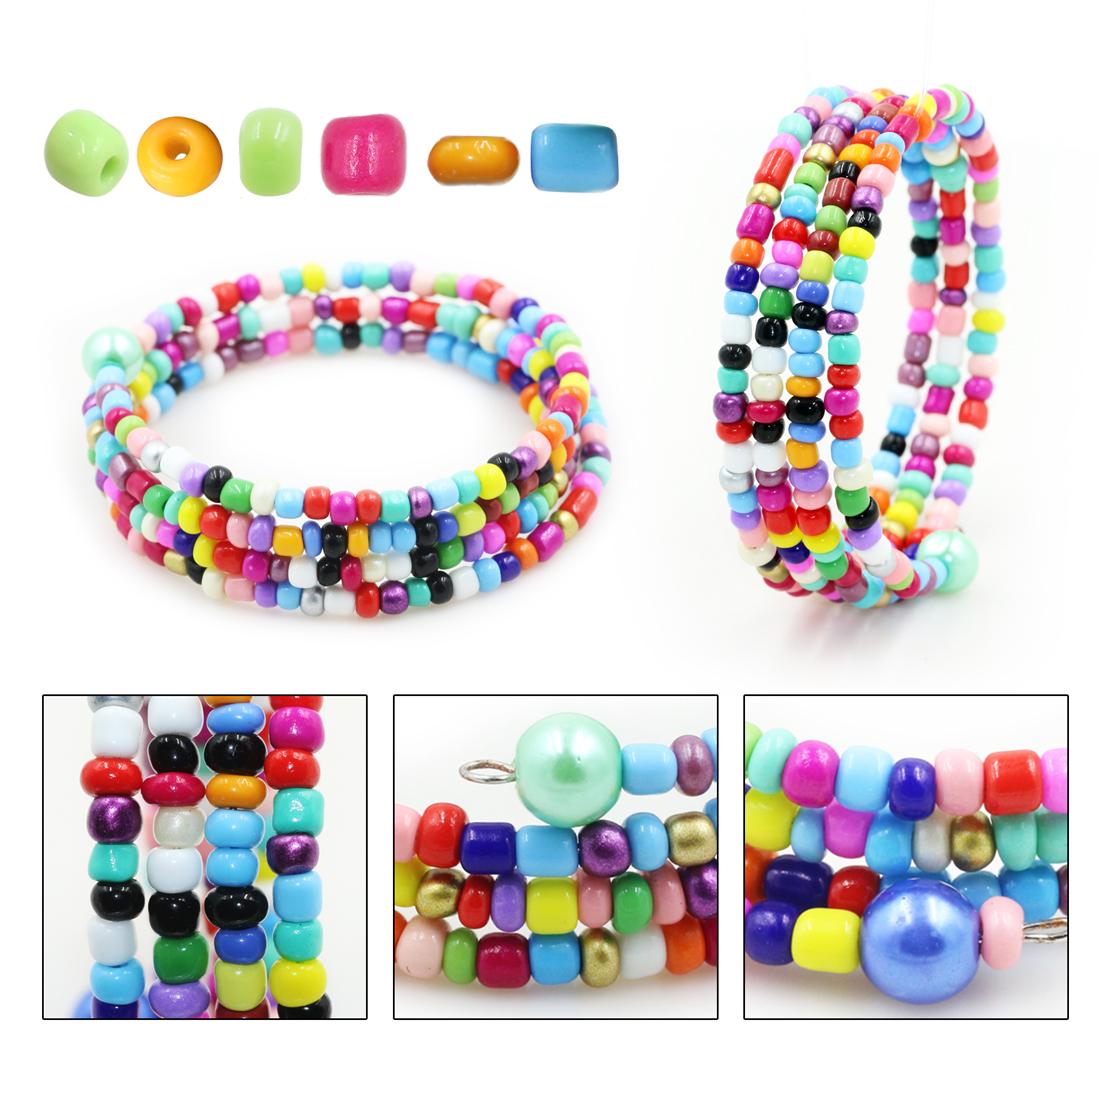 Japonais perles de verre pour la fabrication de bijoux en vrac cristal lampwork perles d'espacement pour bracelets taille perles charmes accessoires DE BRICOLAGE